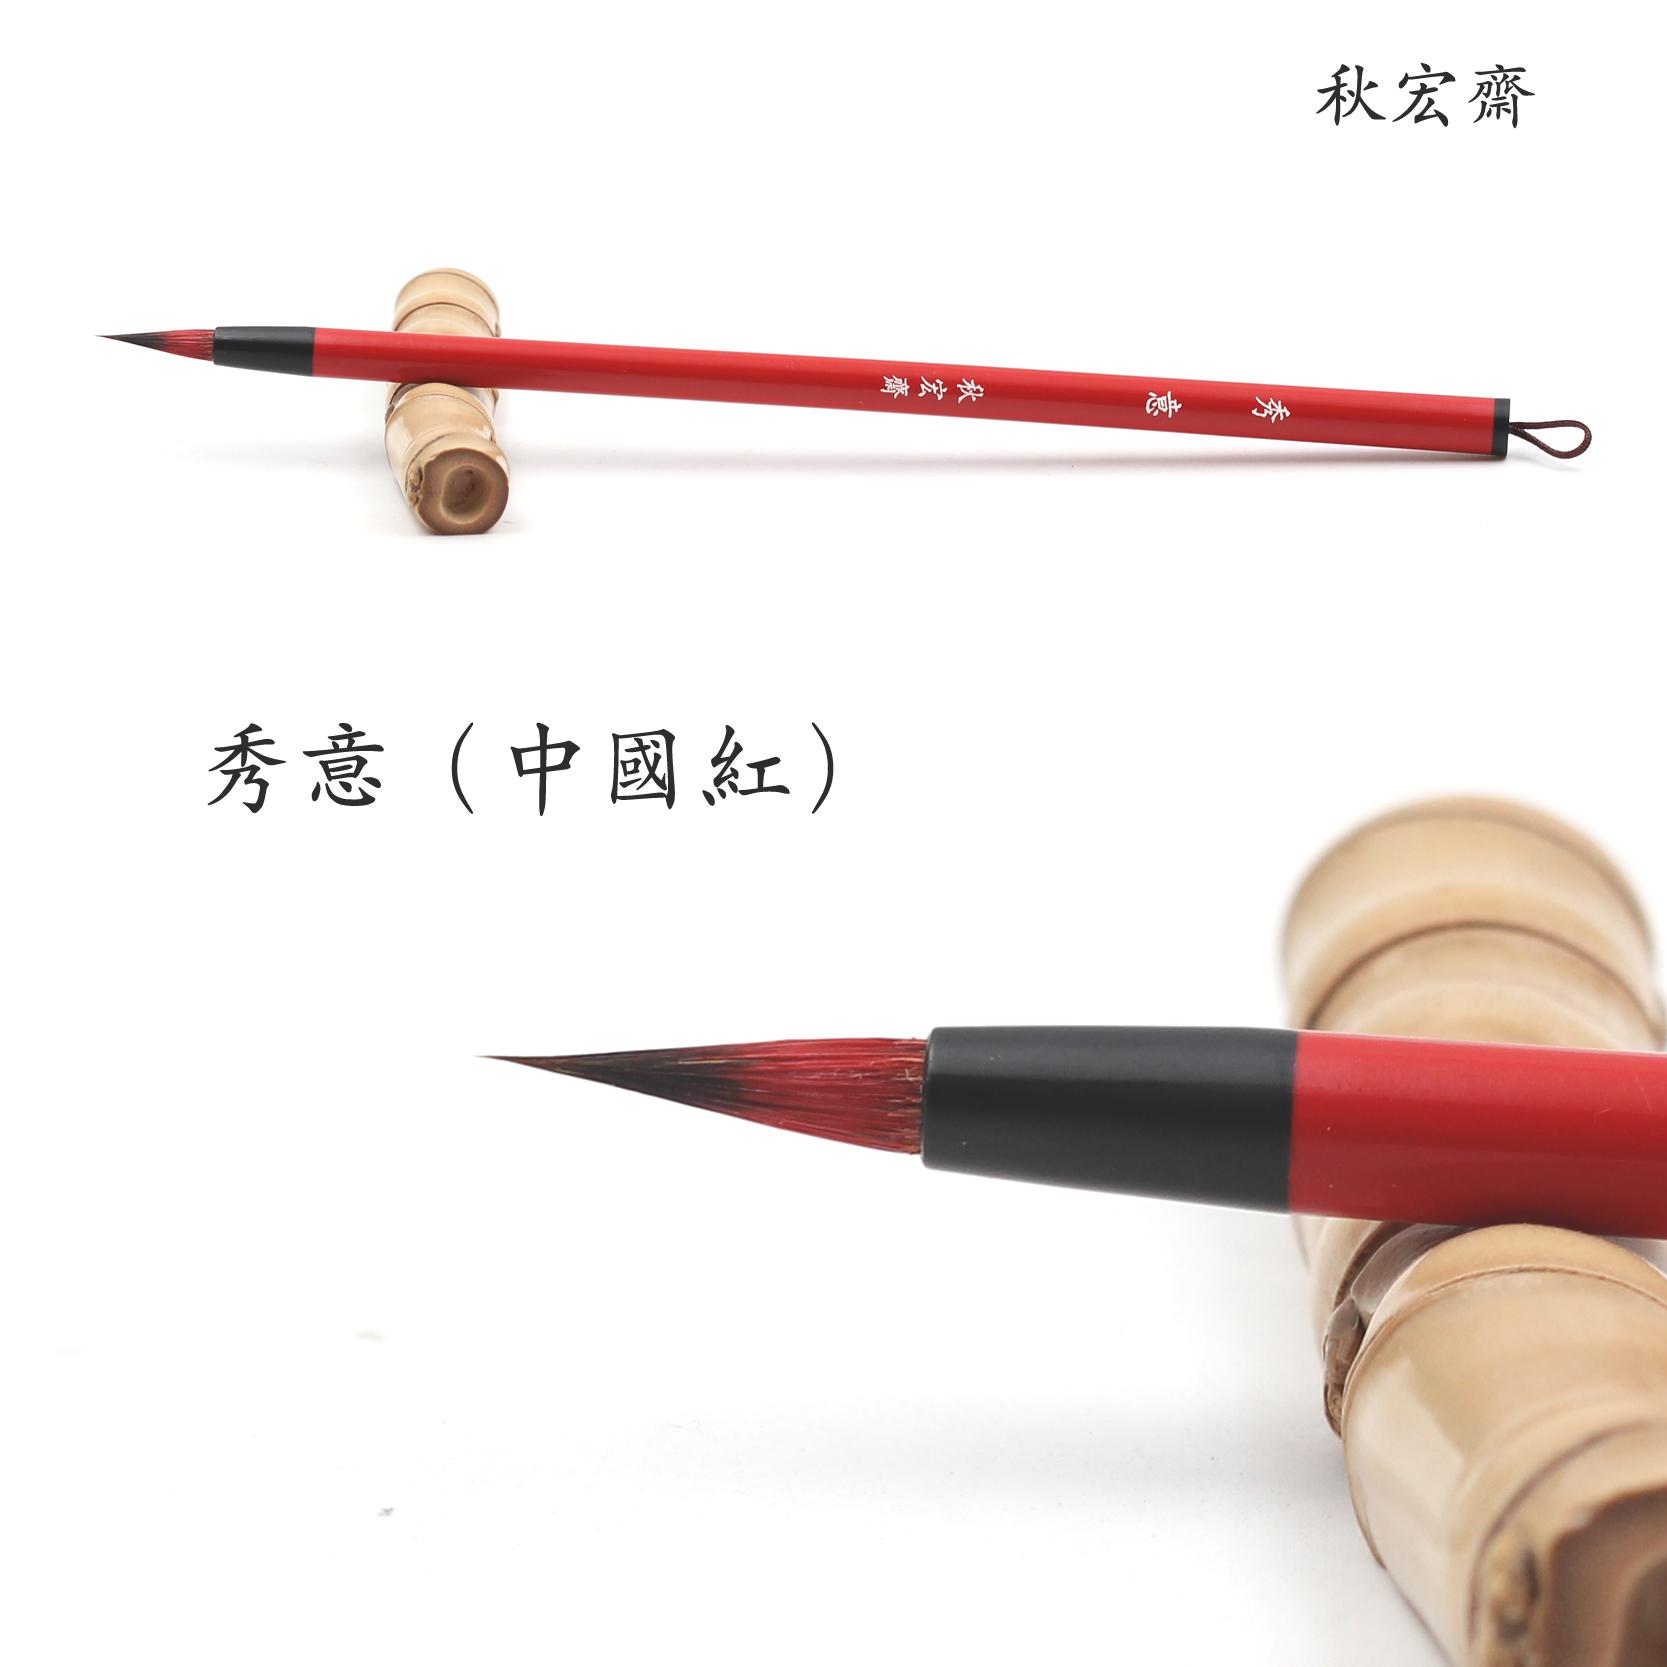 Цю Хунчжай Сиу Ишуи цвет Кишечный волк маленький ручная работа Написание кисточки цвет Ручка и головка пера